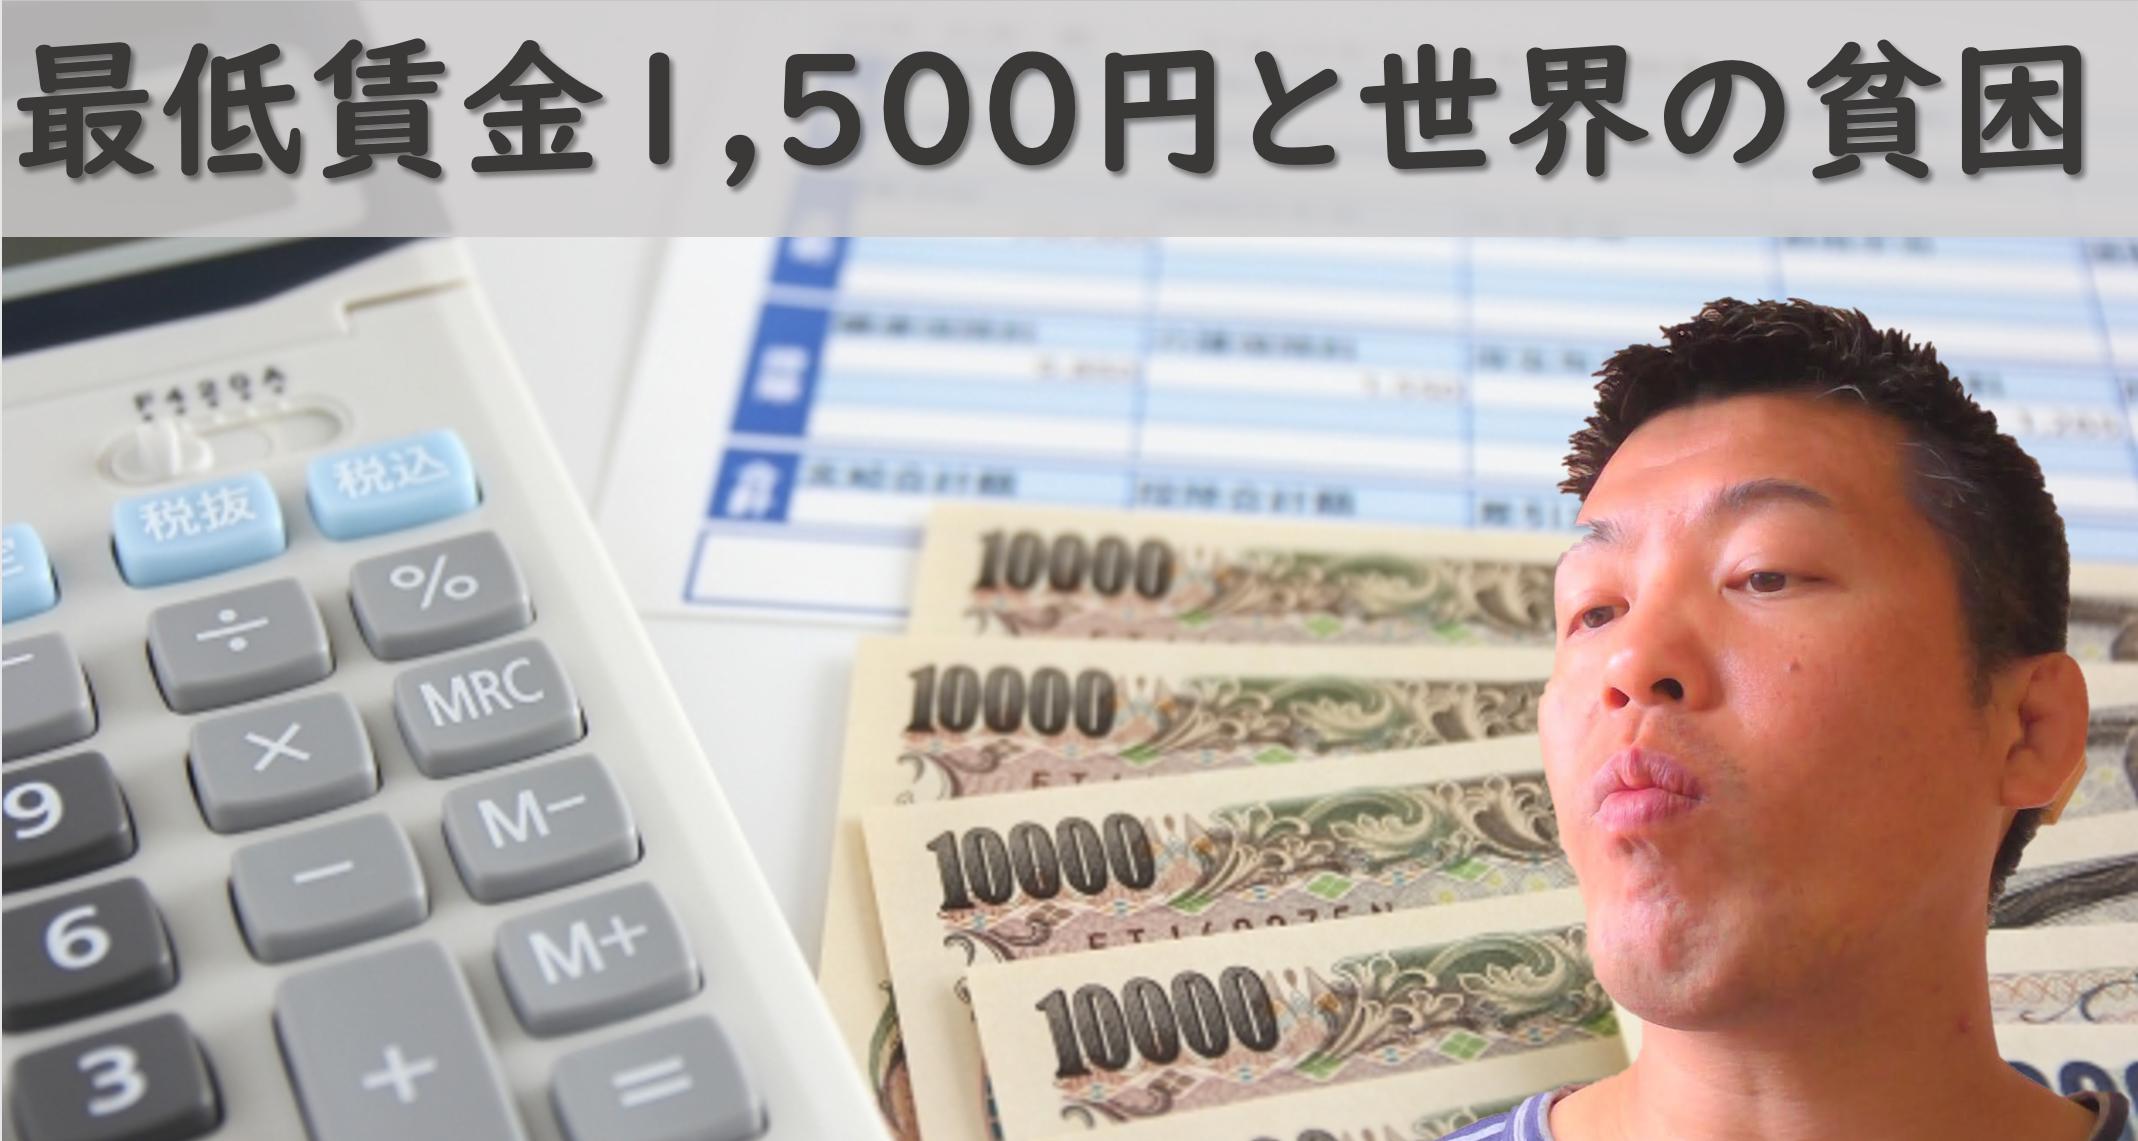 全労連 最低賃金1500円を示す SDGs